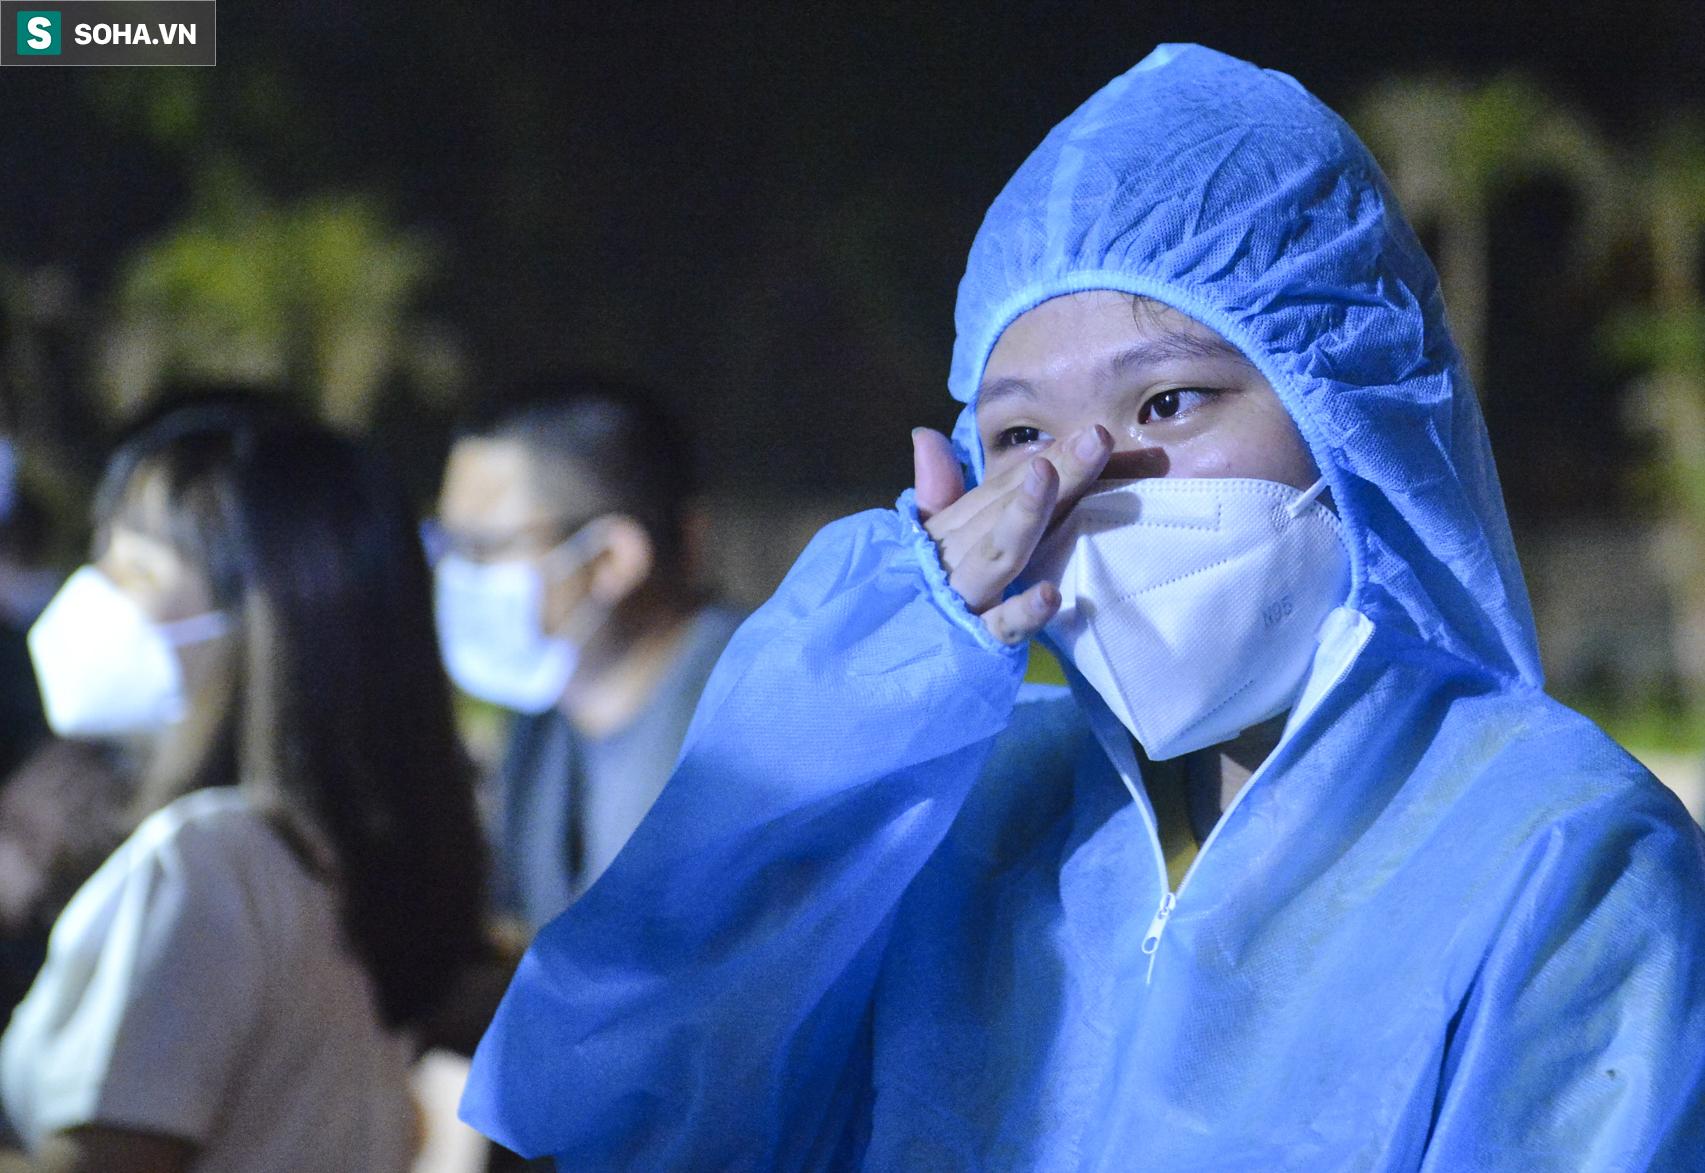 Hà Nội: Dỡ phong toả ổ dịch Thanh Xuân Trung, nhân viên y tế vui mừng bật khóc nức nở - Ảnh 12.